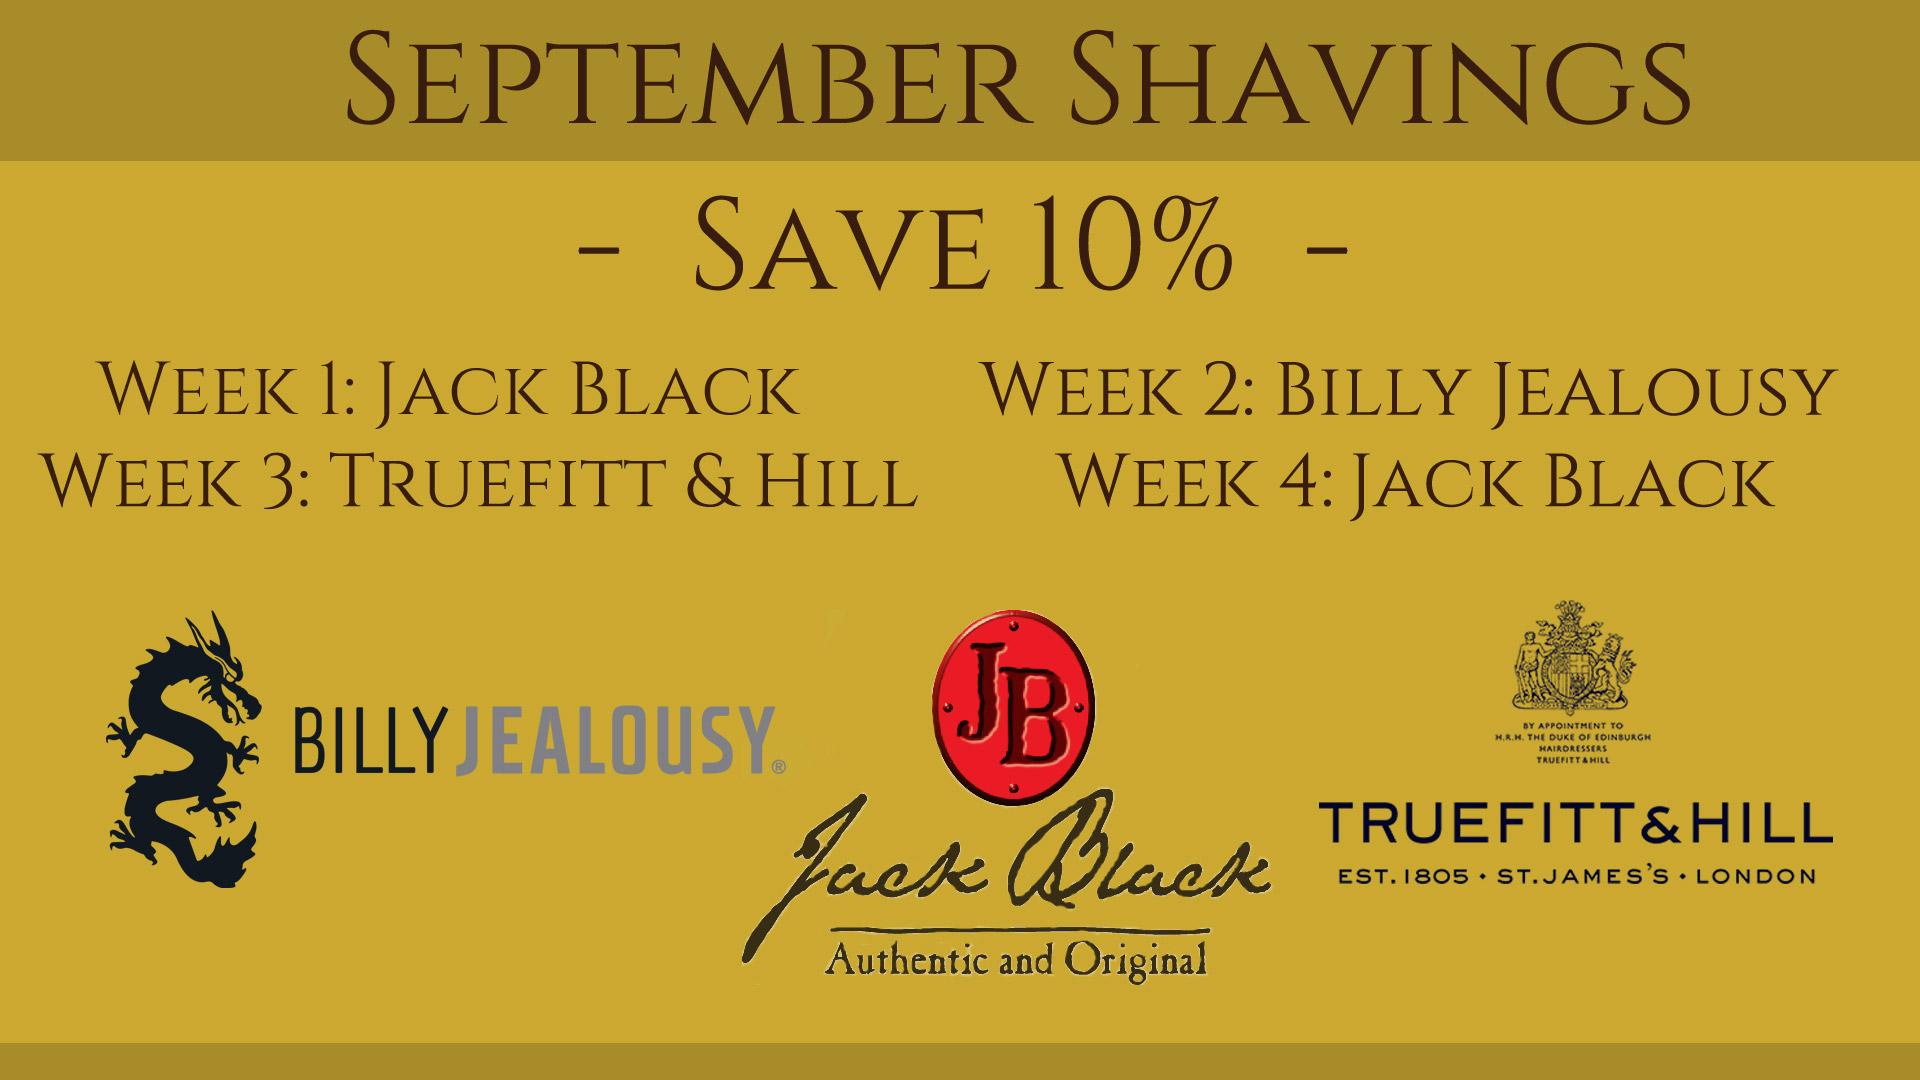 September Shavings